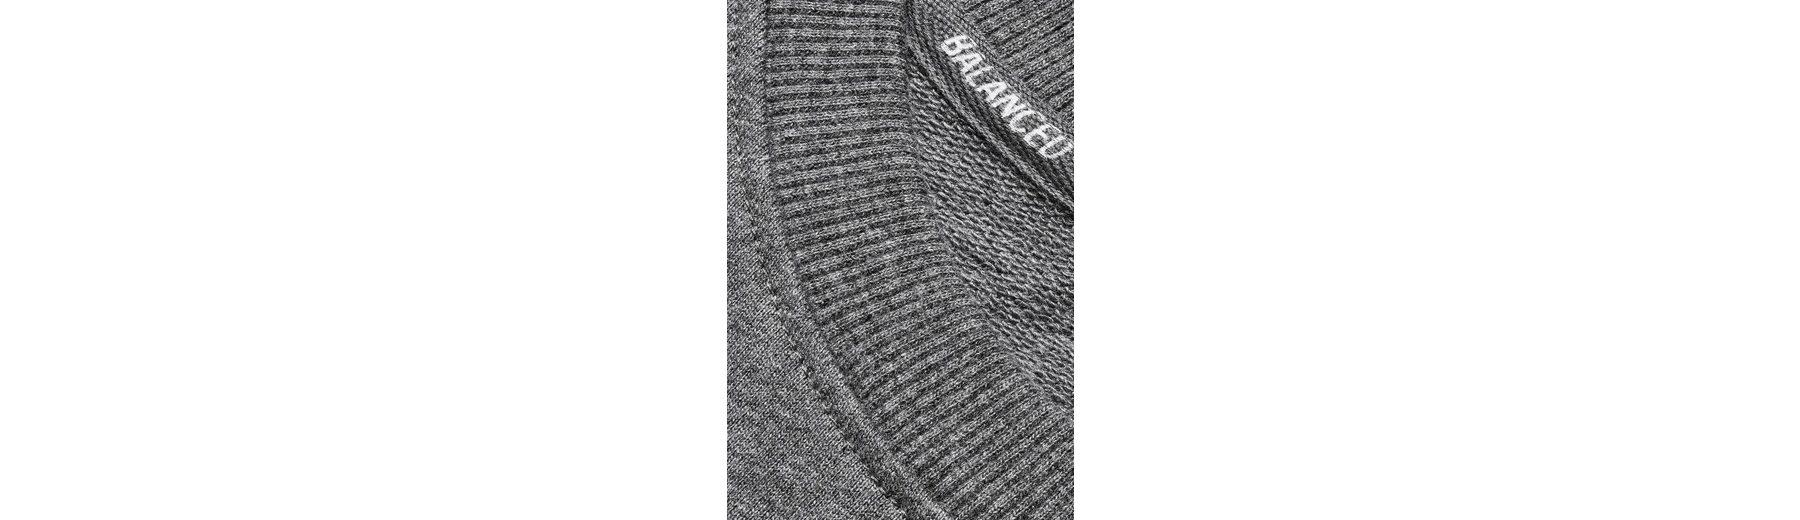 Billig Gutes Verkauf Next Sternzeichen-Sweatshirt Günstigsten Preis Zu Verkaufen Verkauf Beste Geschäft Zu Erhalten Eastbay Verkauf Online Rabatte Verkauf Online xa7yAoSrT